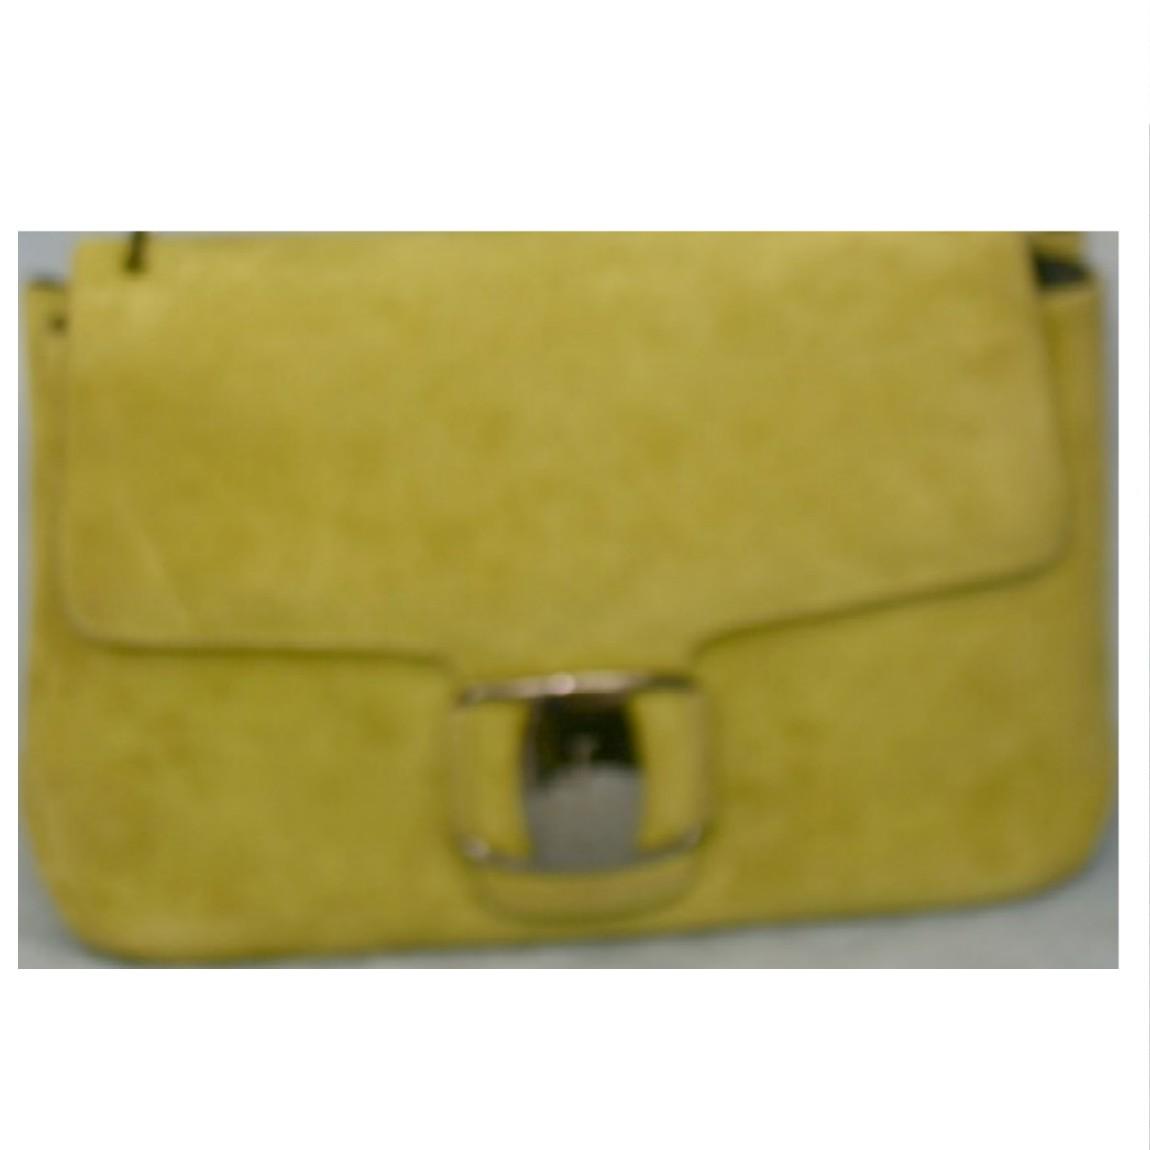 【中古】本物美品フェラガモ女性用若草色スエ-ド素材27センチショルダ-バッグ